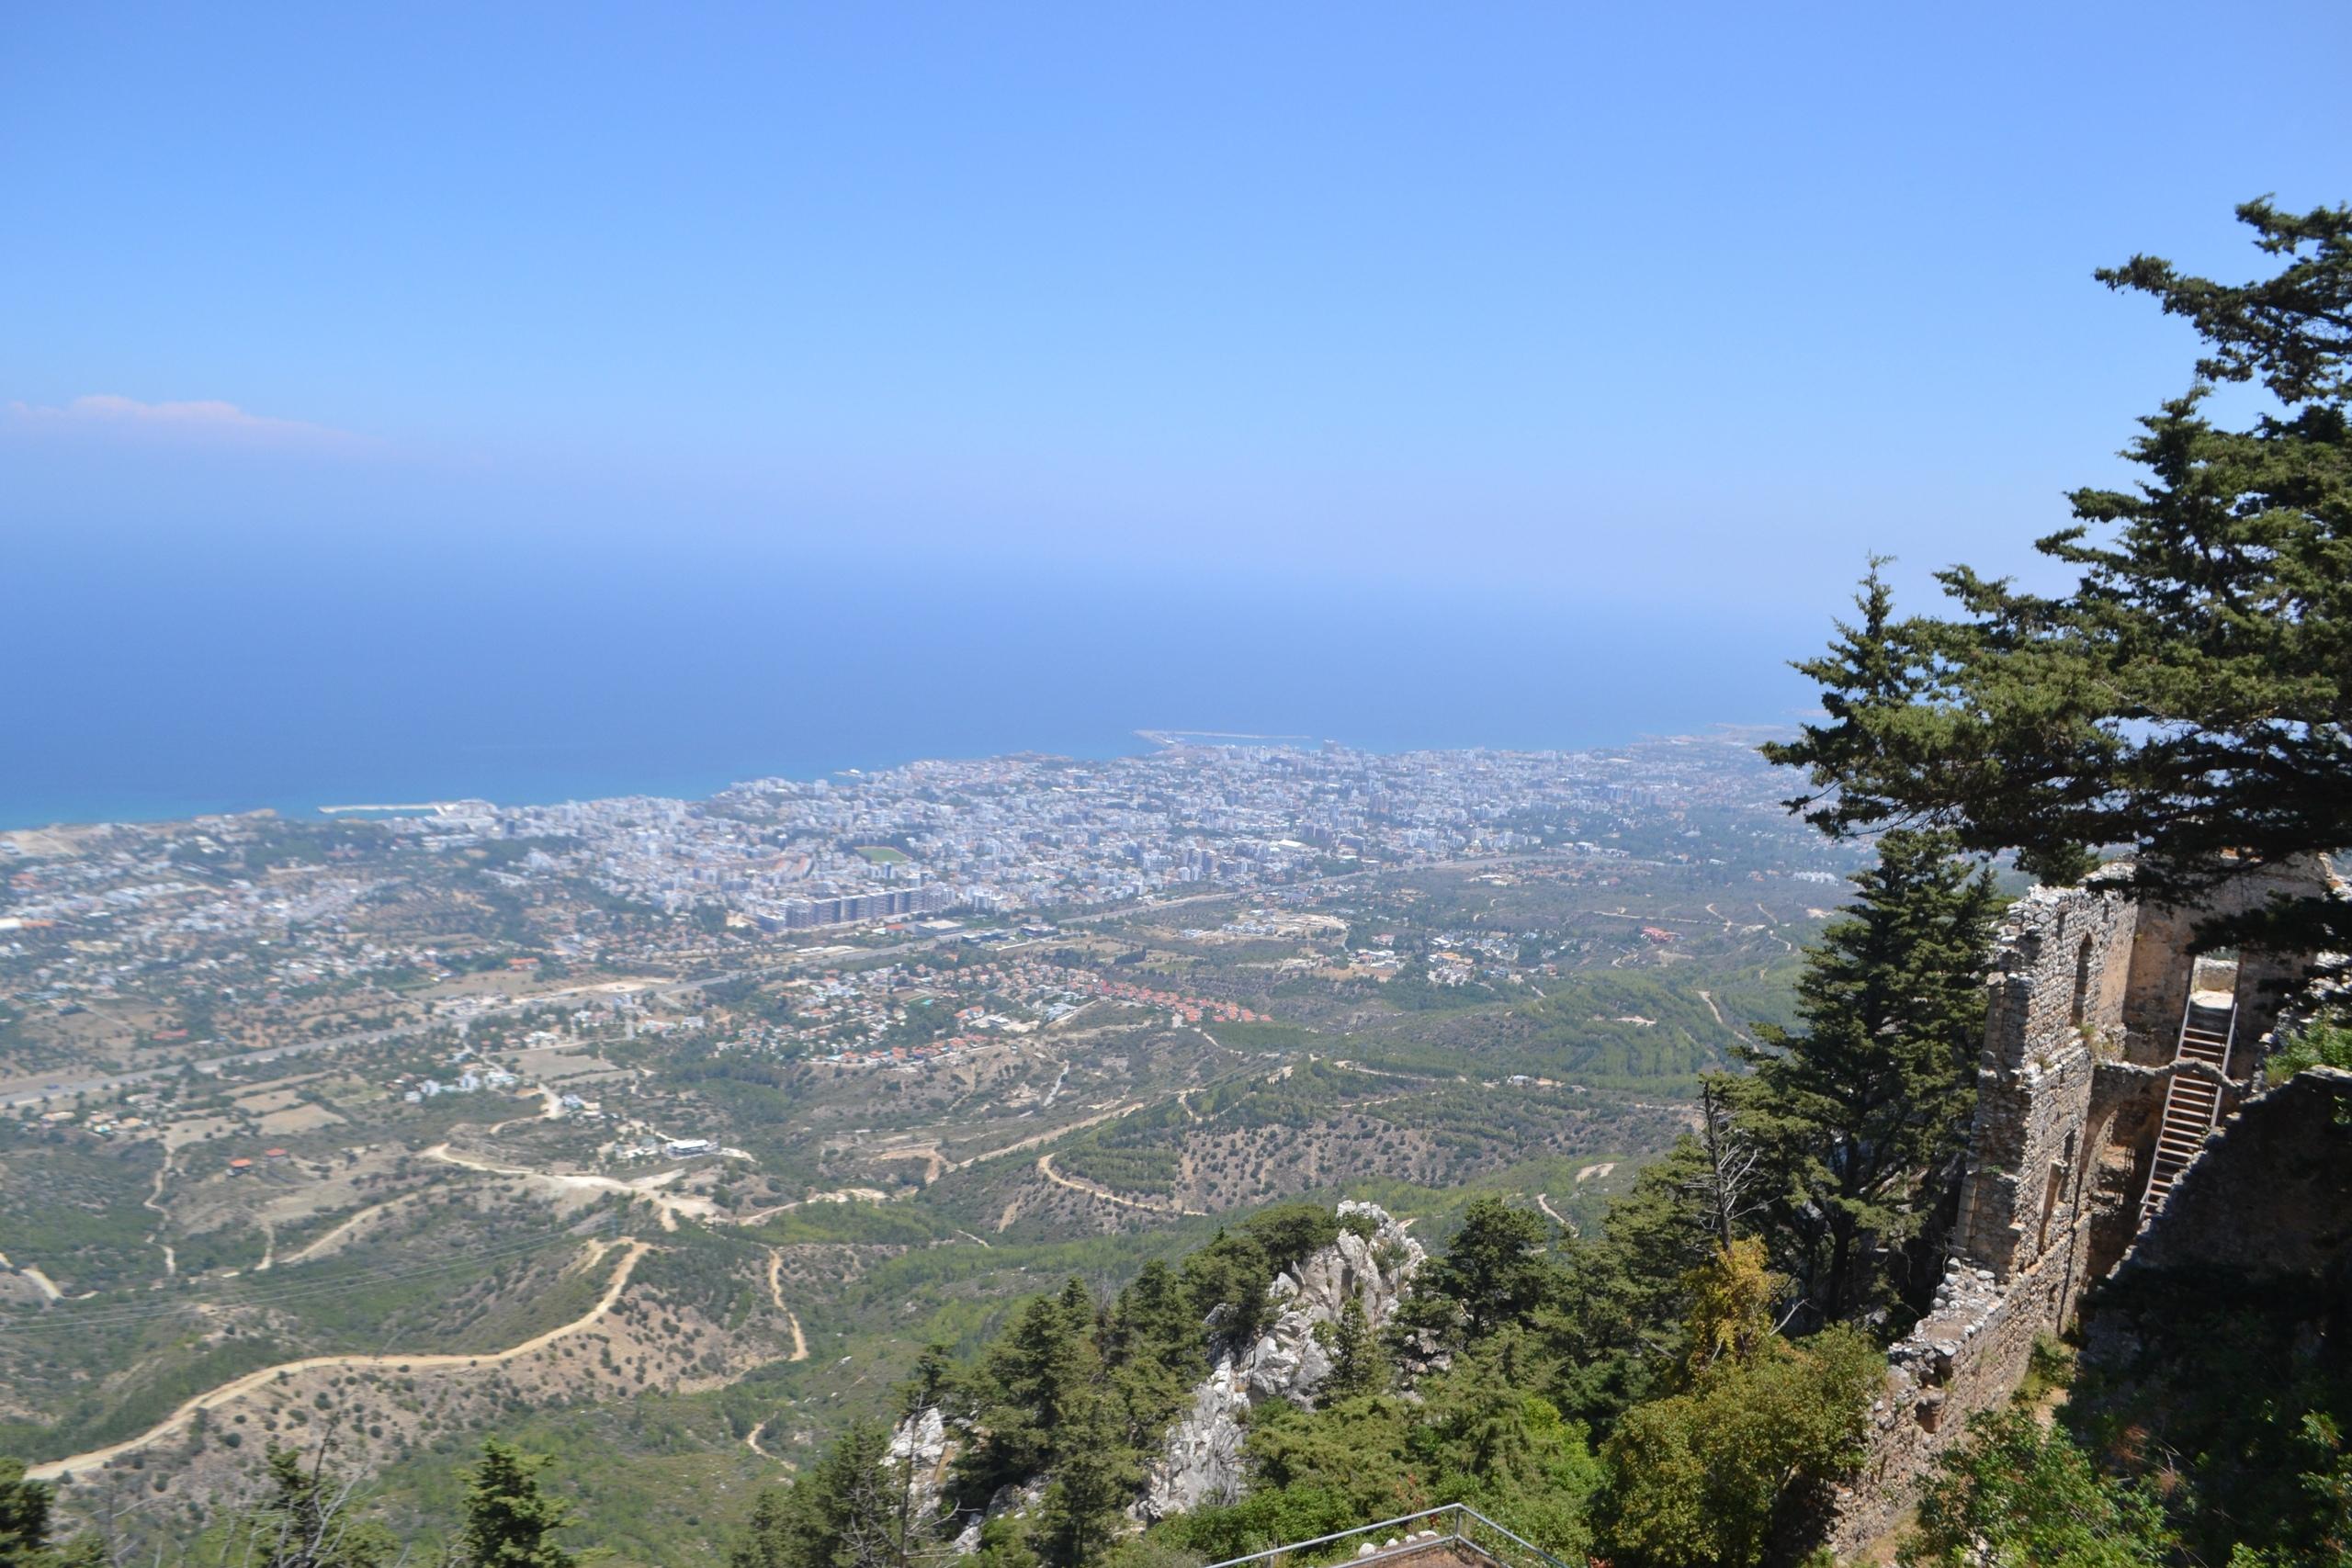 Северный Кипр. Замок Святого Иллариона. (фото). - Страница 2 8JLuyUvxRjc